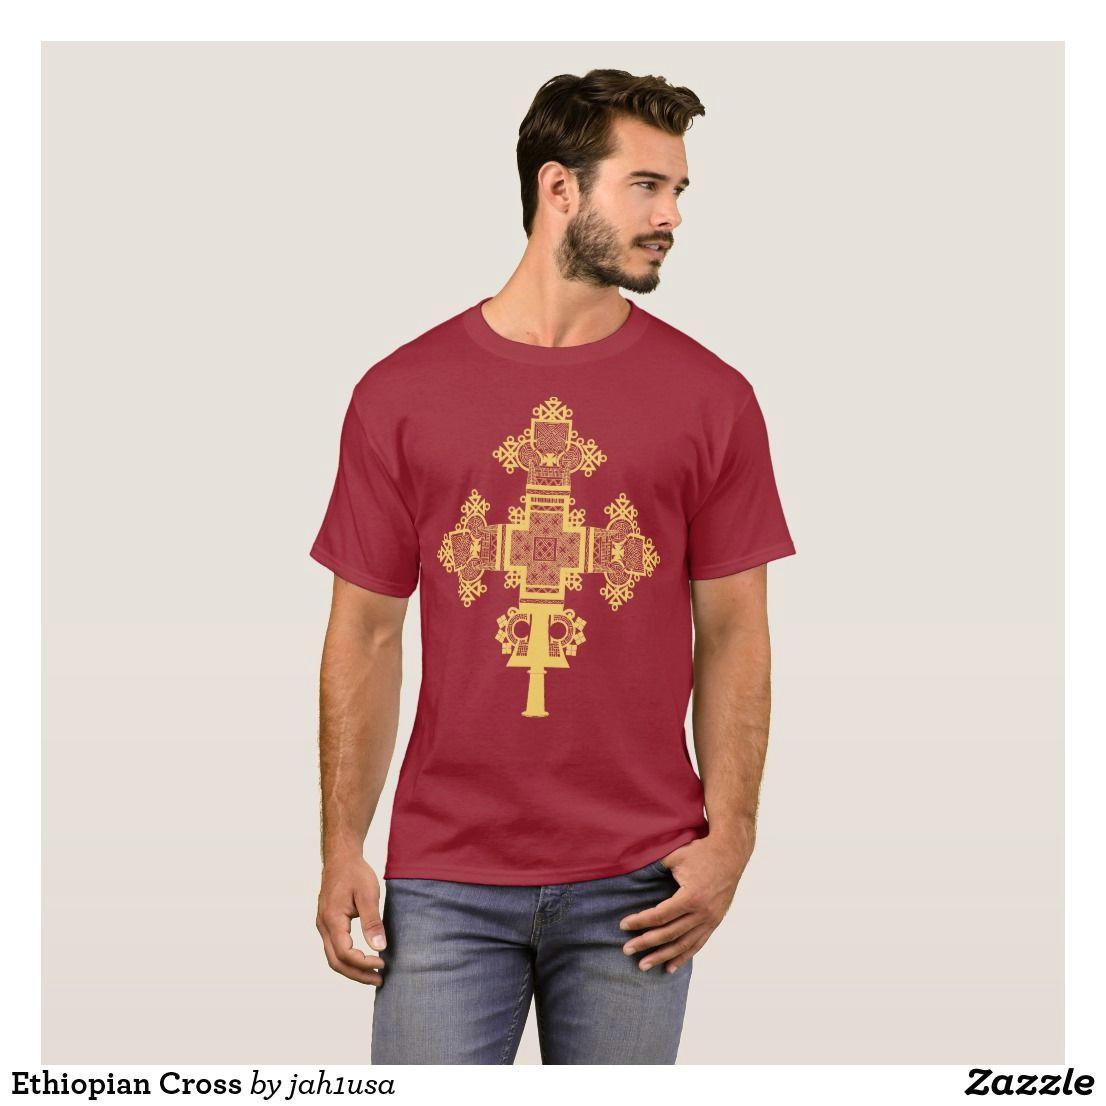 ethiopian cross t shirt